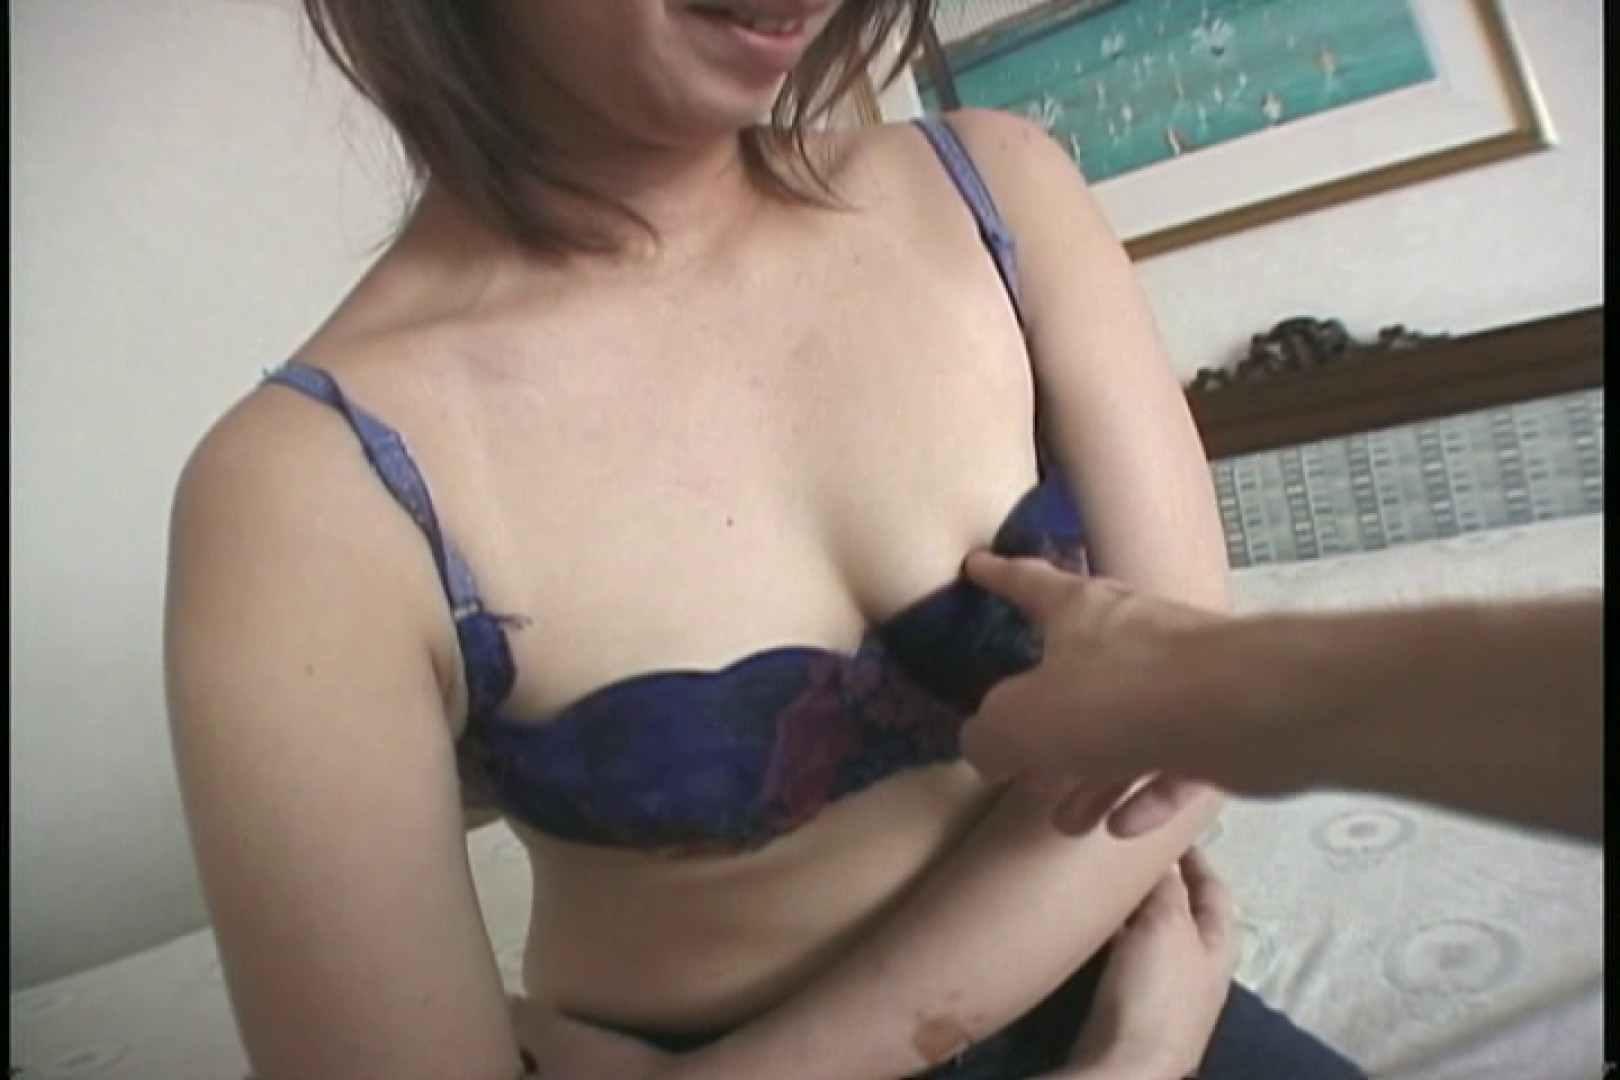 初めてのビデオ撮影に緊張する素人OLとセックス~武田じゅん~ セックス AV無料動画キャプチャ 86pic 39